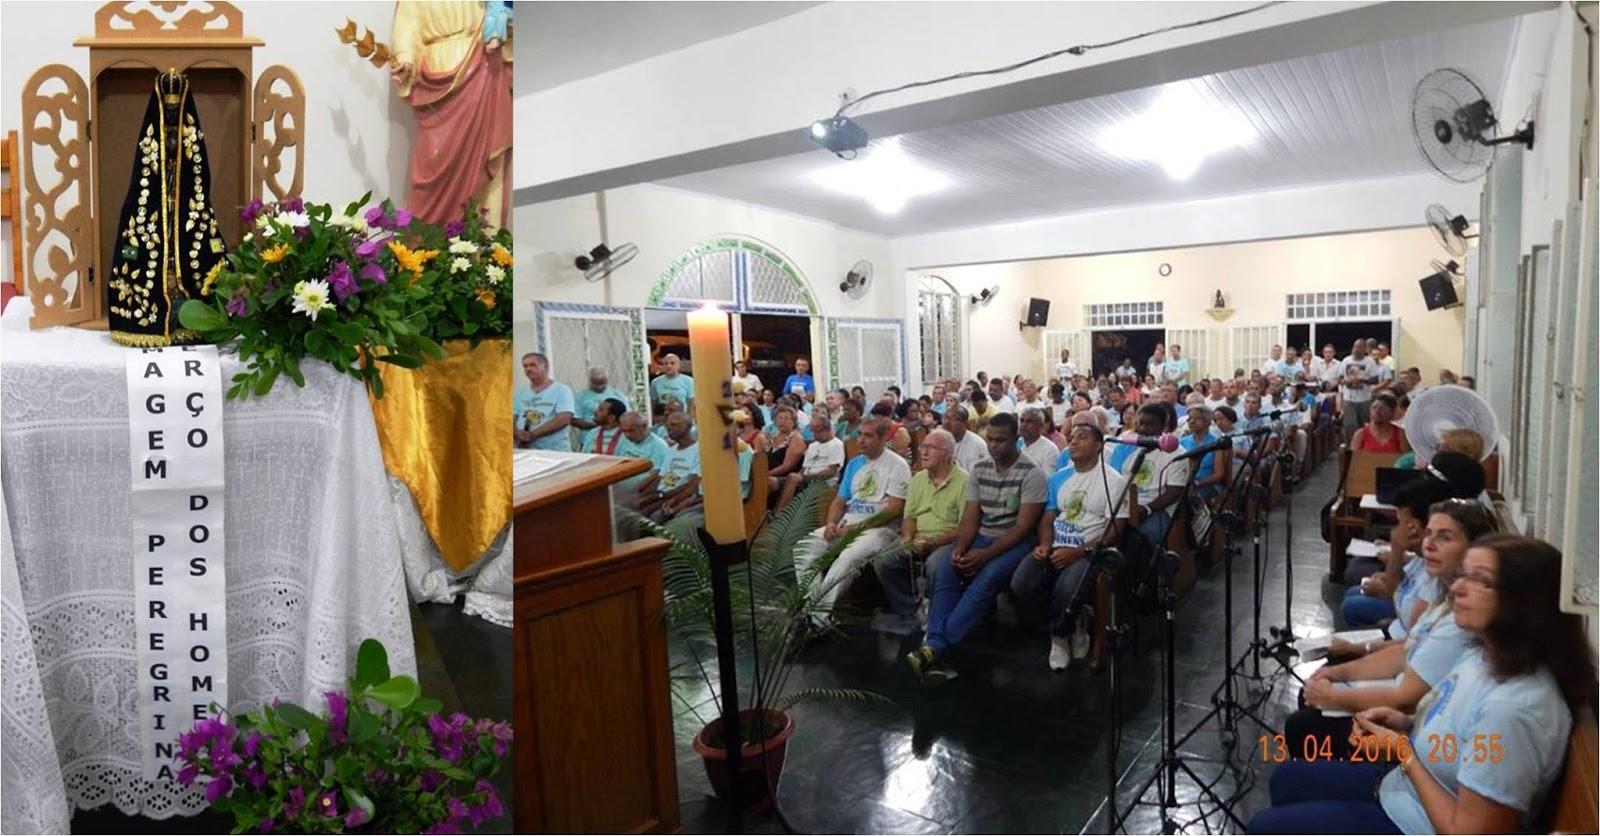 TERÇO DOS HOMENS DA FORANIA II REALIZA ENCONTRO INTER PAROQUIAL PARA REZAR O TERÇO MARIANO